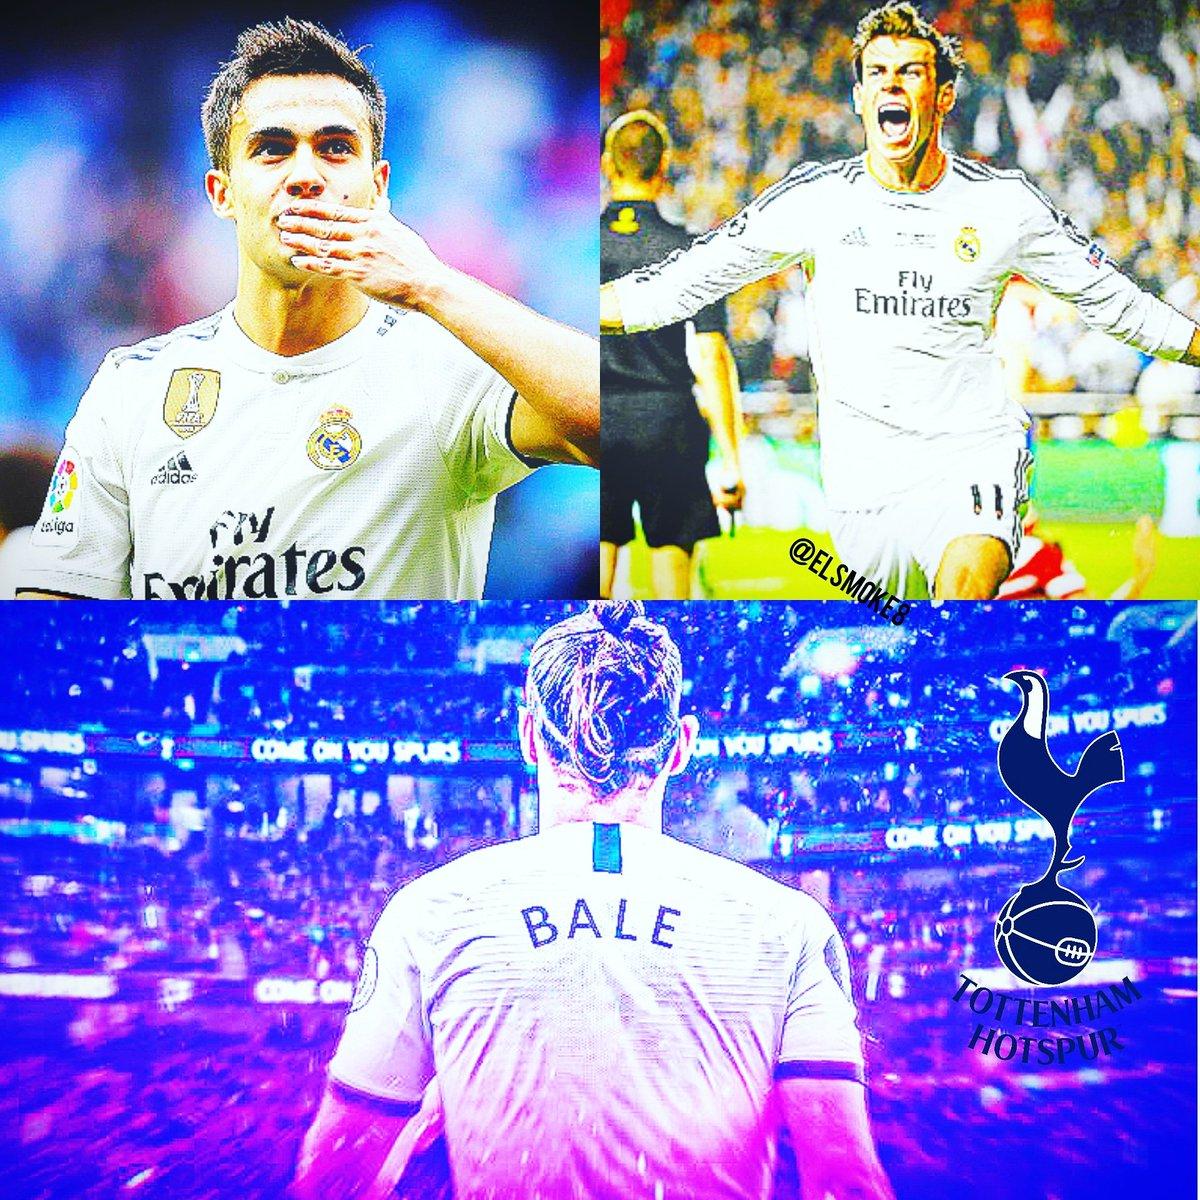 OFICIAL 🔻  Gareth Bale 🏴 (cesión) y Sergio Reguilon 🇪🇸 (€30M) son nuevos jugadores del Tottenham Hotspur 🏴, el Real Madrid 🇪🇸 se guarda una opción de compra y tanteo por Reguilon.  #liverpool #fcbarcelona #leomessi #messi #ronaldo #cr7 #cristiano #realmadrid https://t.co/eJLqoNqoA9